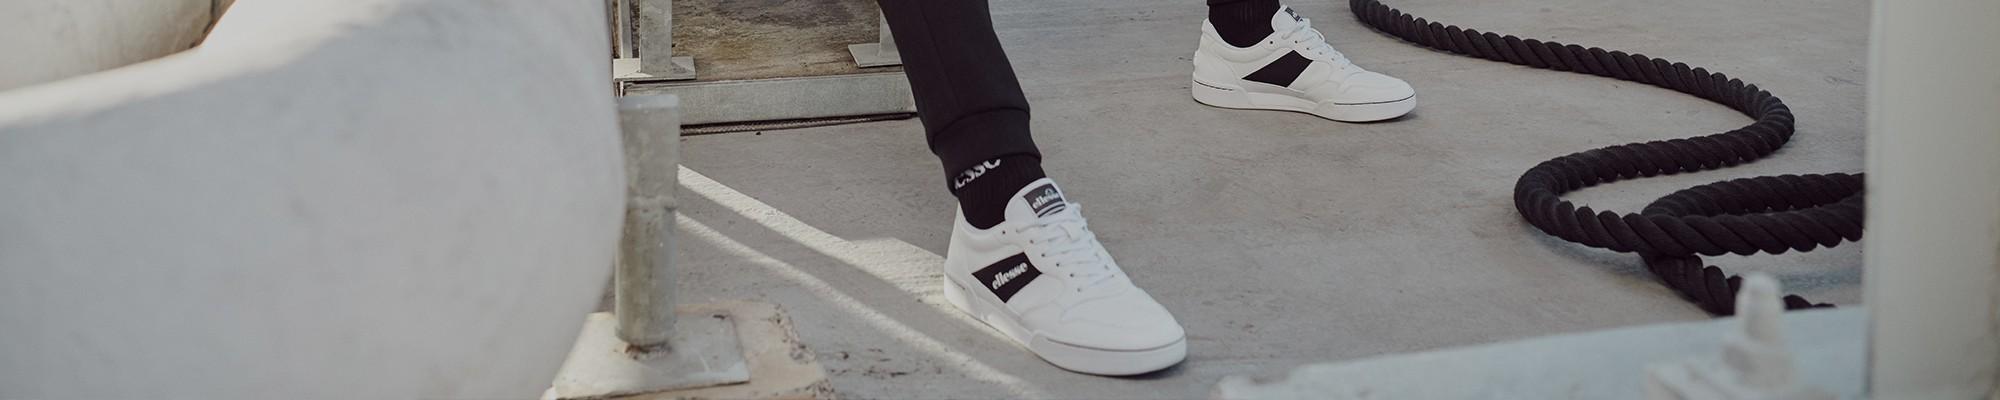 Zapatillas Ellesse Hombre - Tienda oficial Ellesse